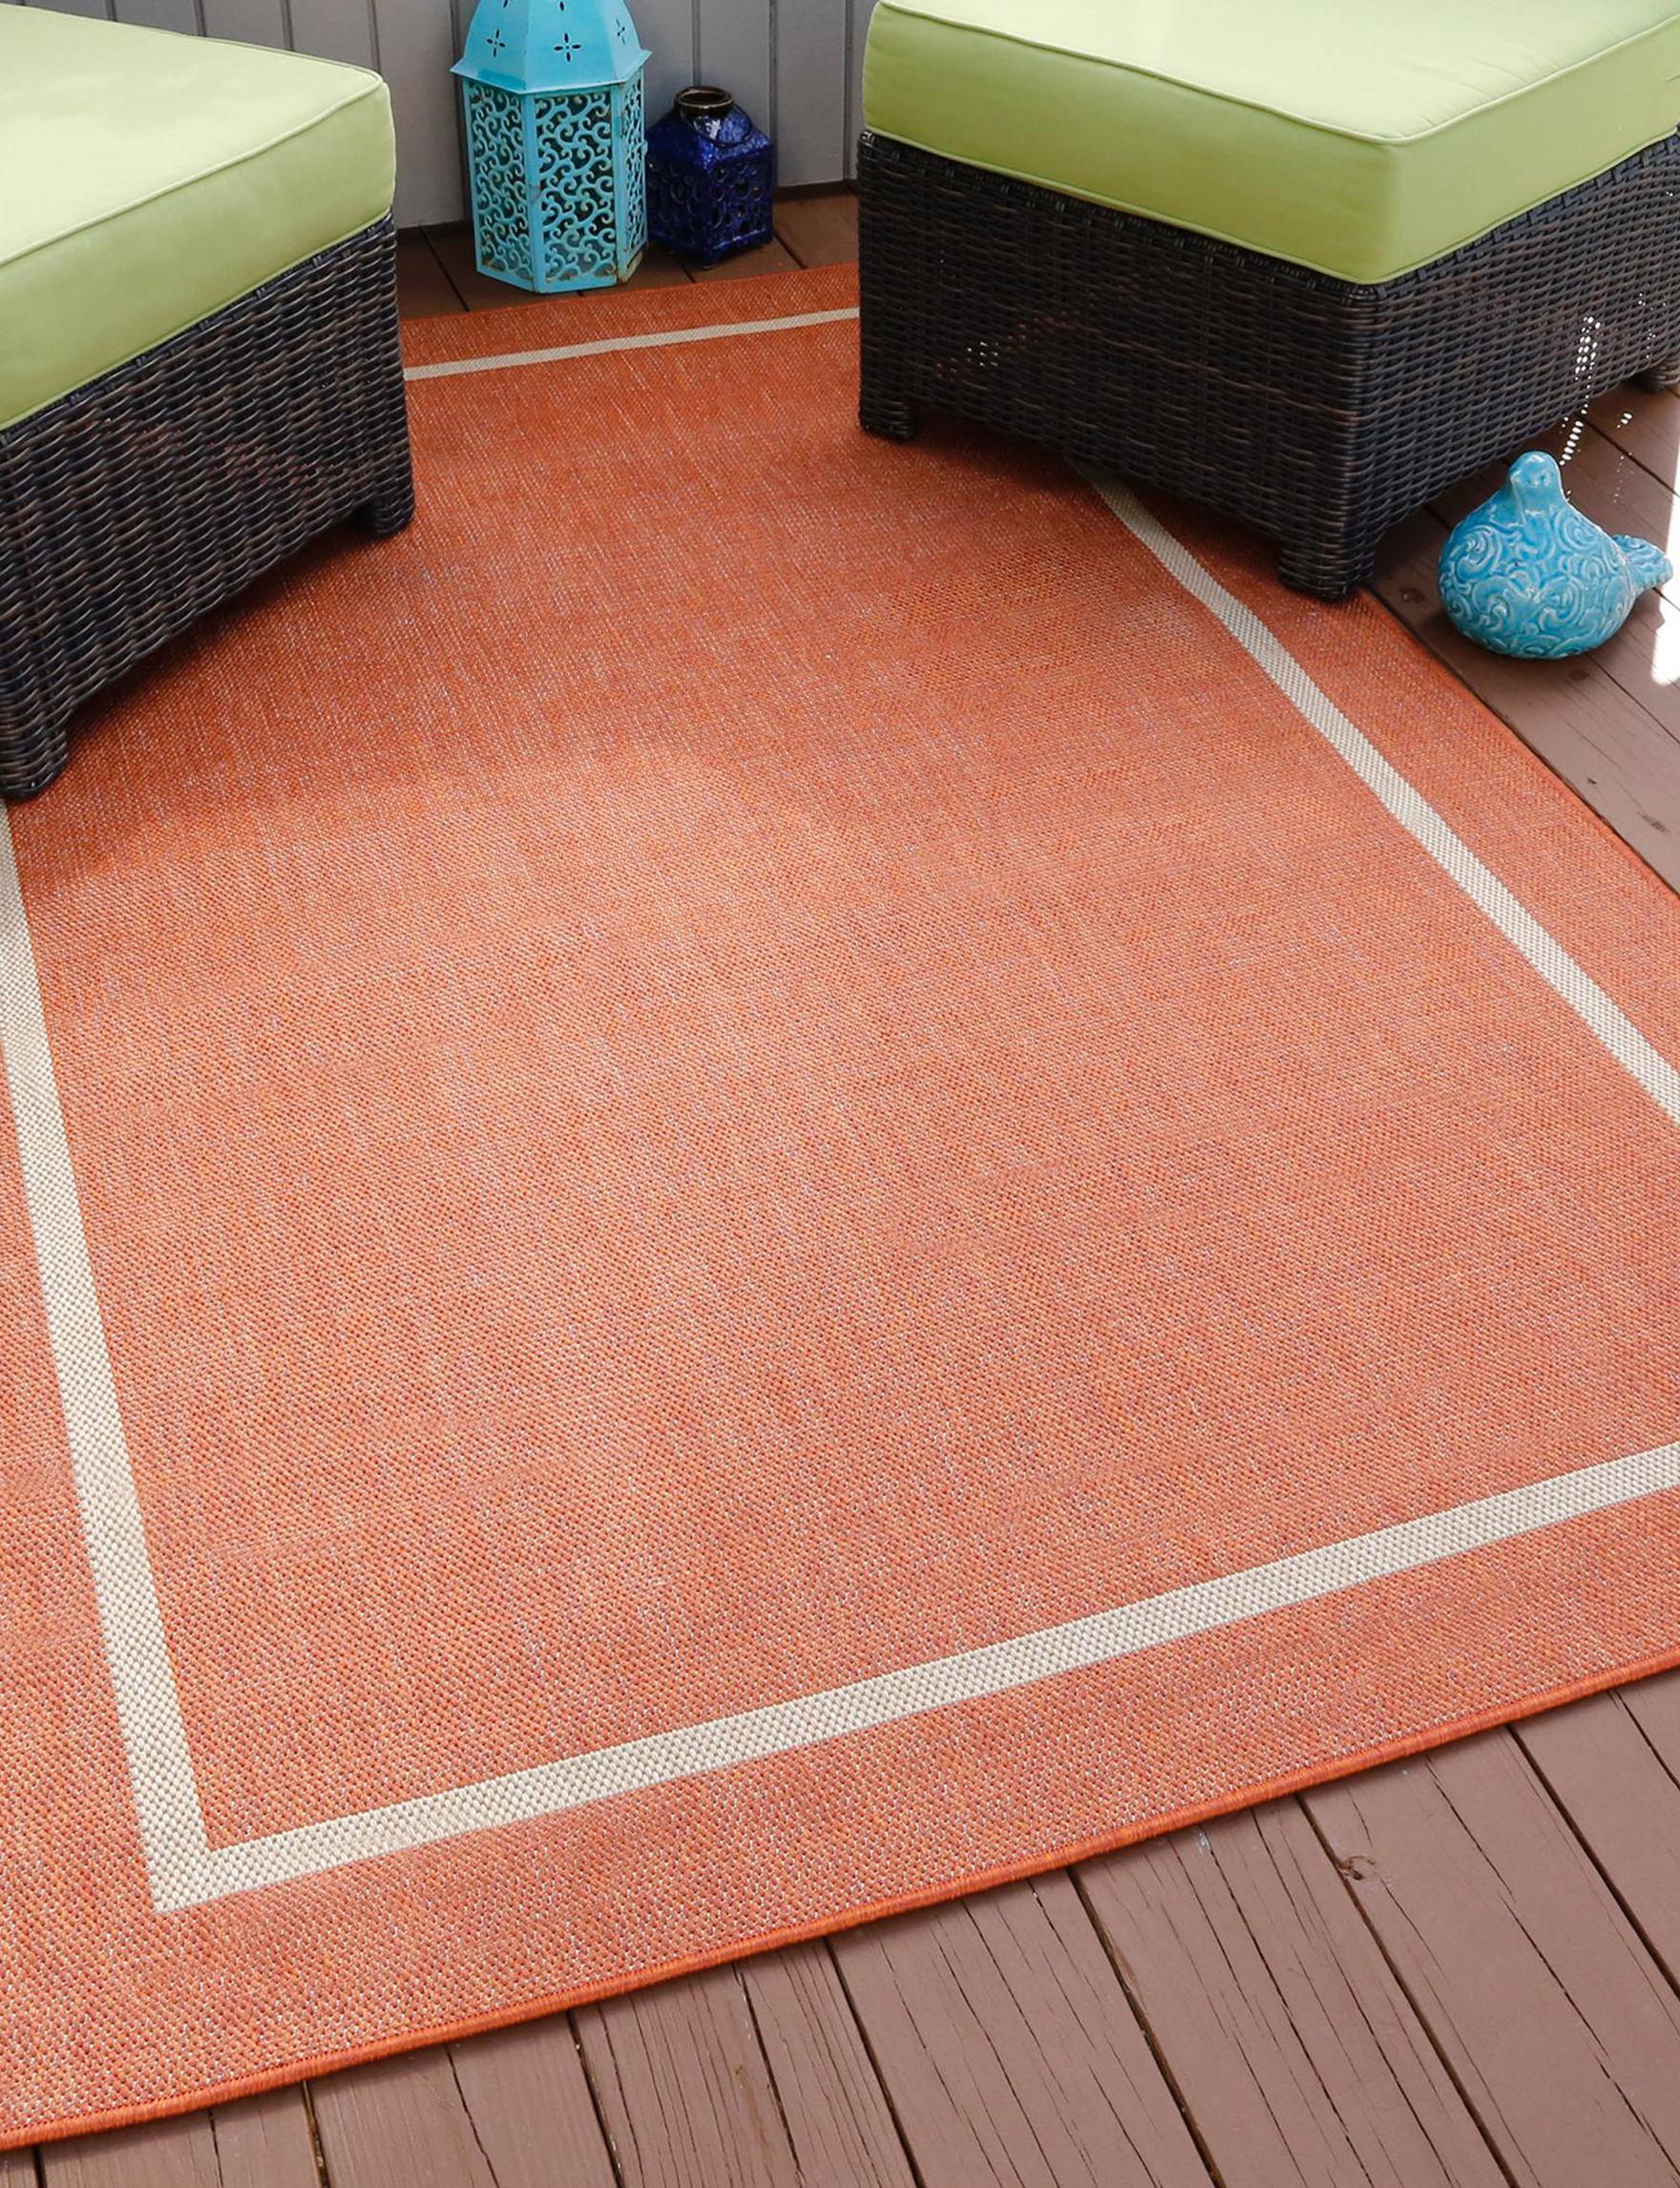 Lavish Home Orange Area Rugs Rugs